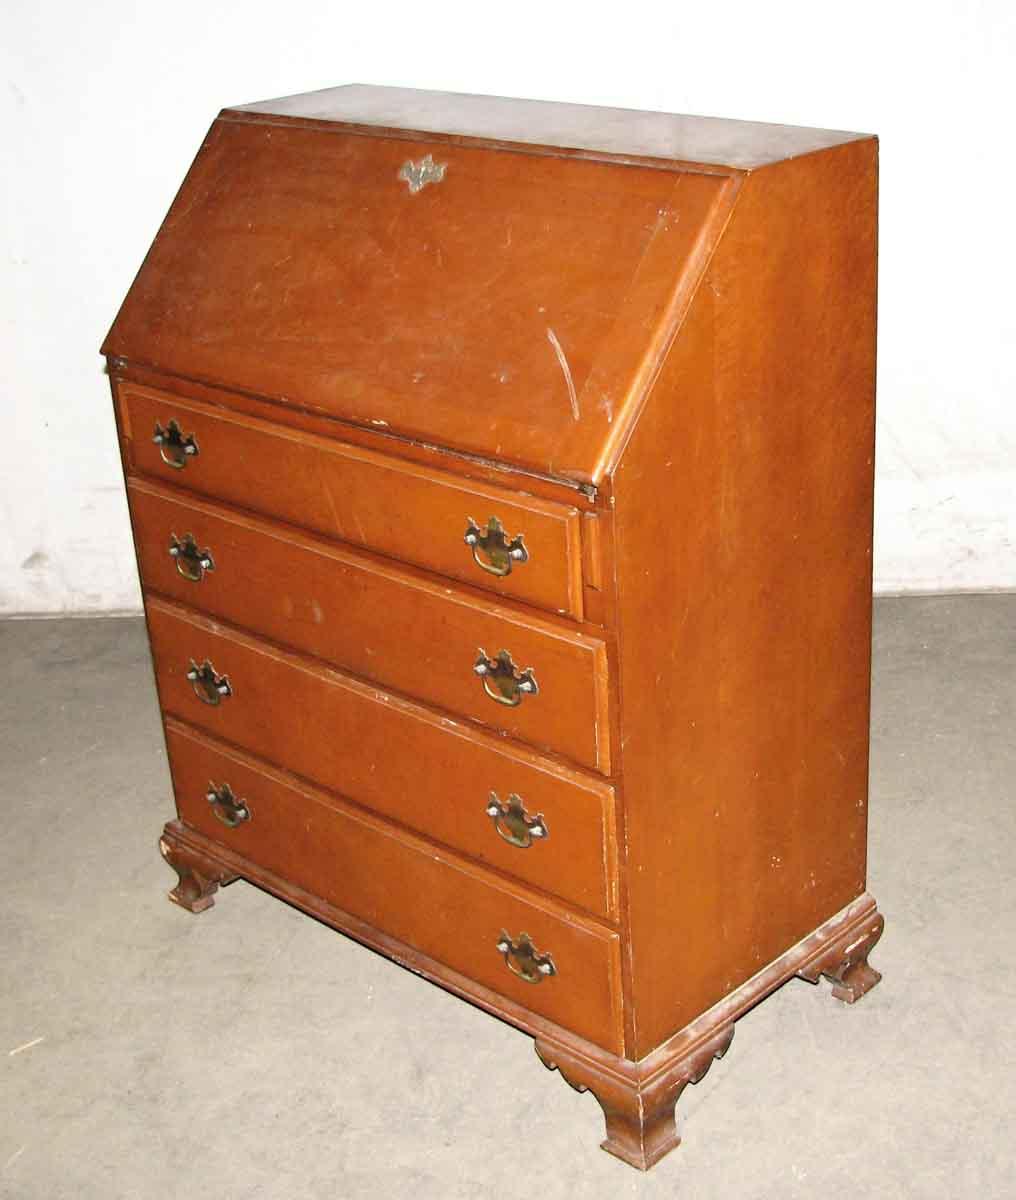 Vintage Maple Secretary Desk - Vintage Maple Secretary Desk Olde Good Things